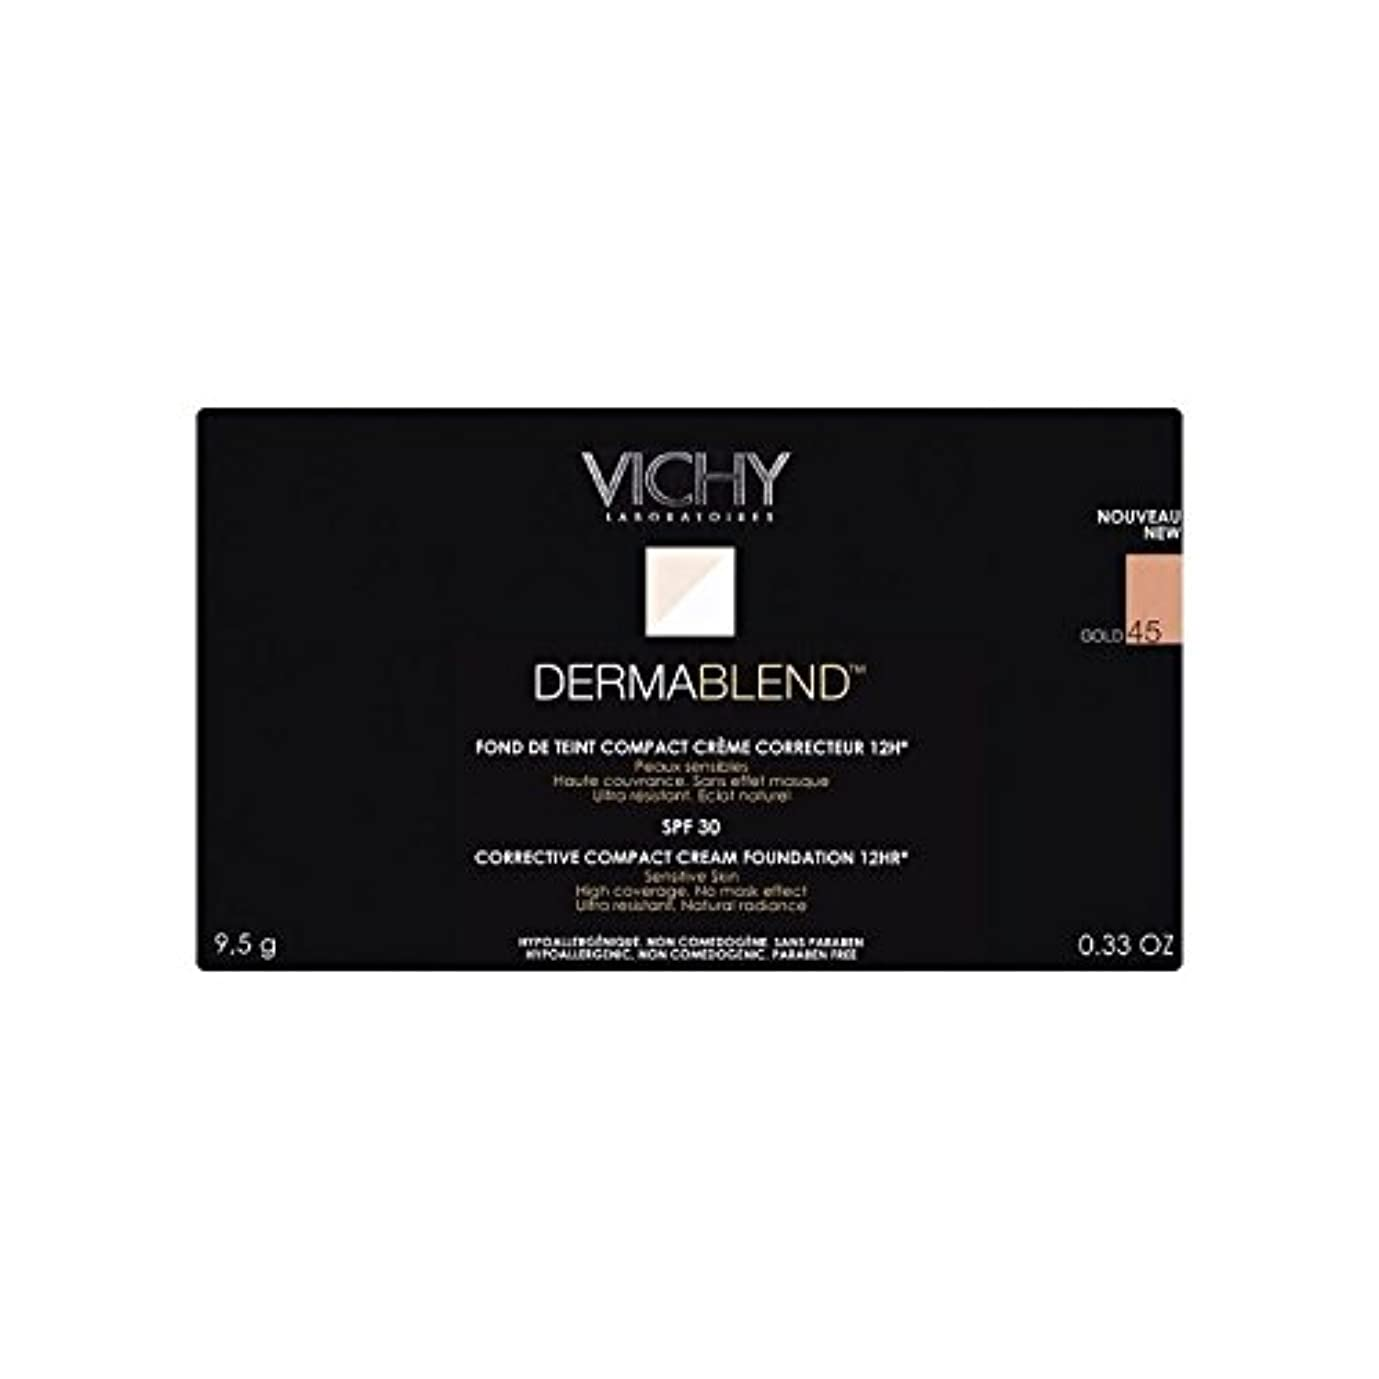 抑制スキニー慣らすヴィシー是正コンパクトクリームファンデーション金45 x4 - Vichy Dermablend Corrective Compact Cream Foundation Gold 45 (Pack of 4) [並行輸入品]